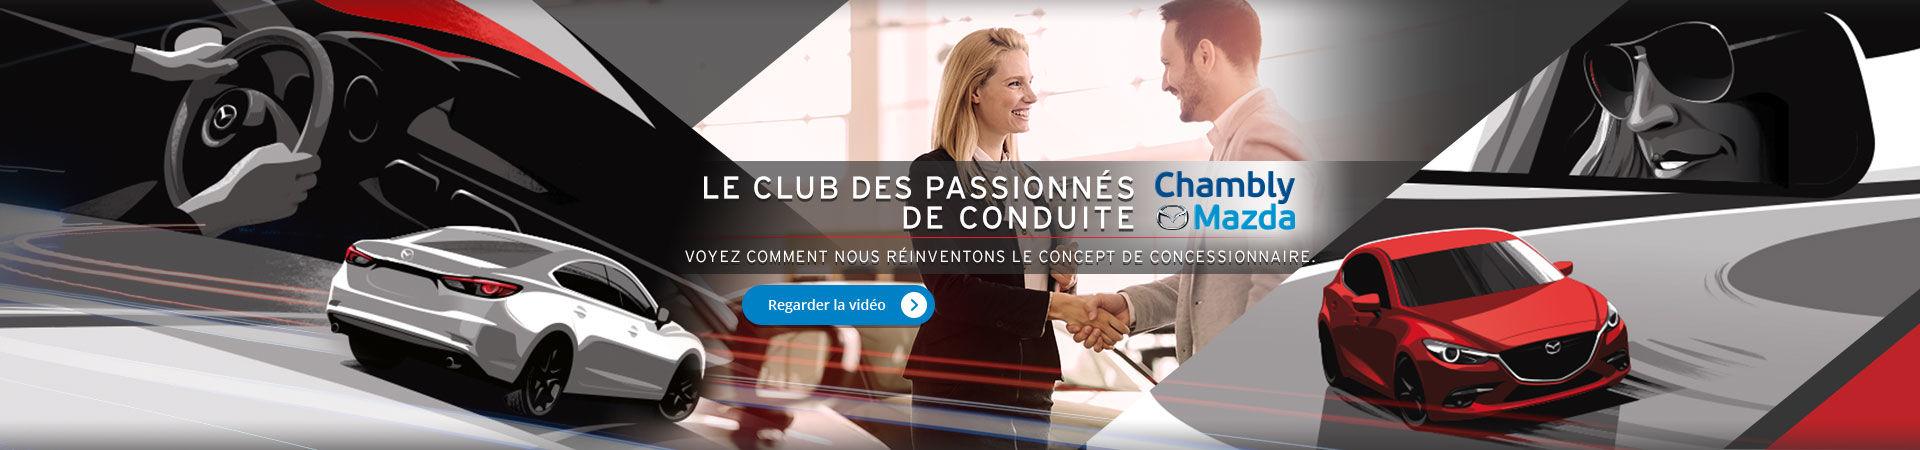 Le club des passionnés de conduite